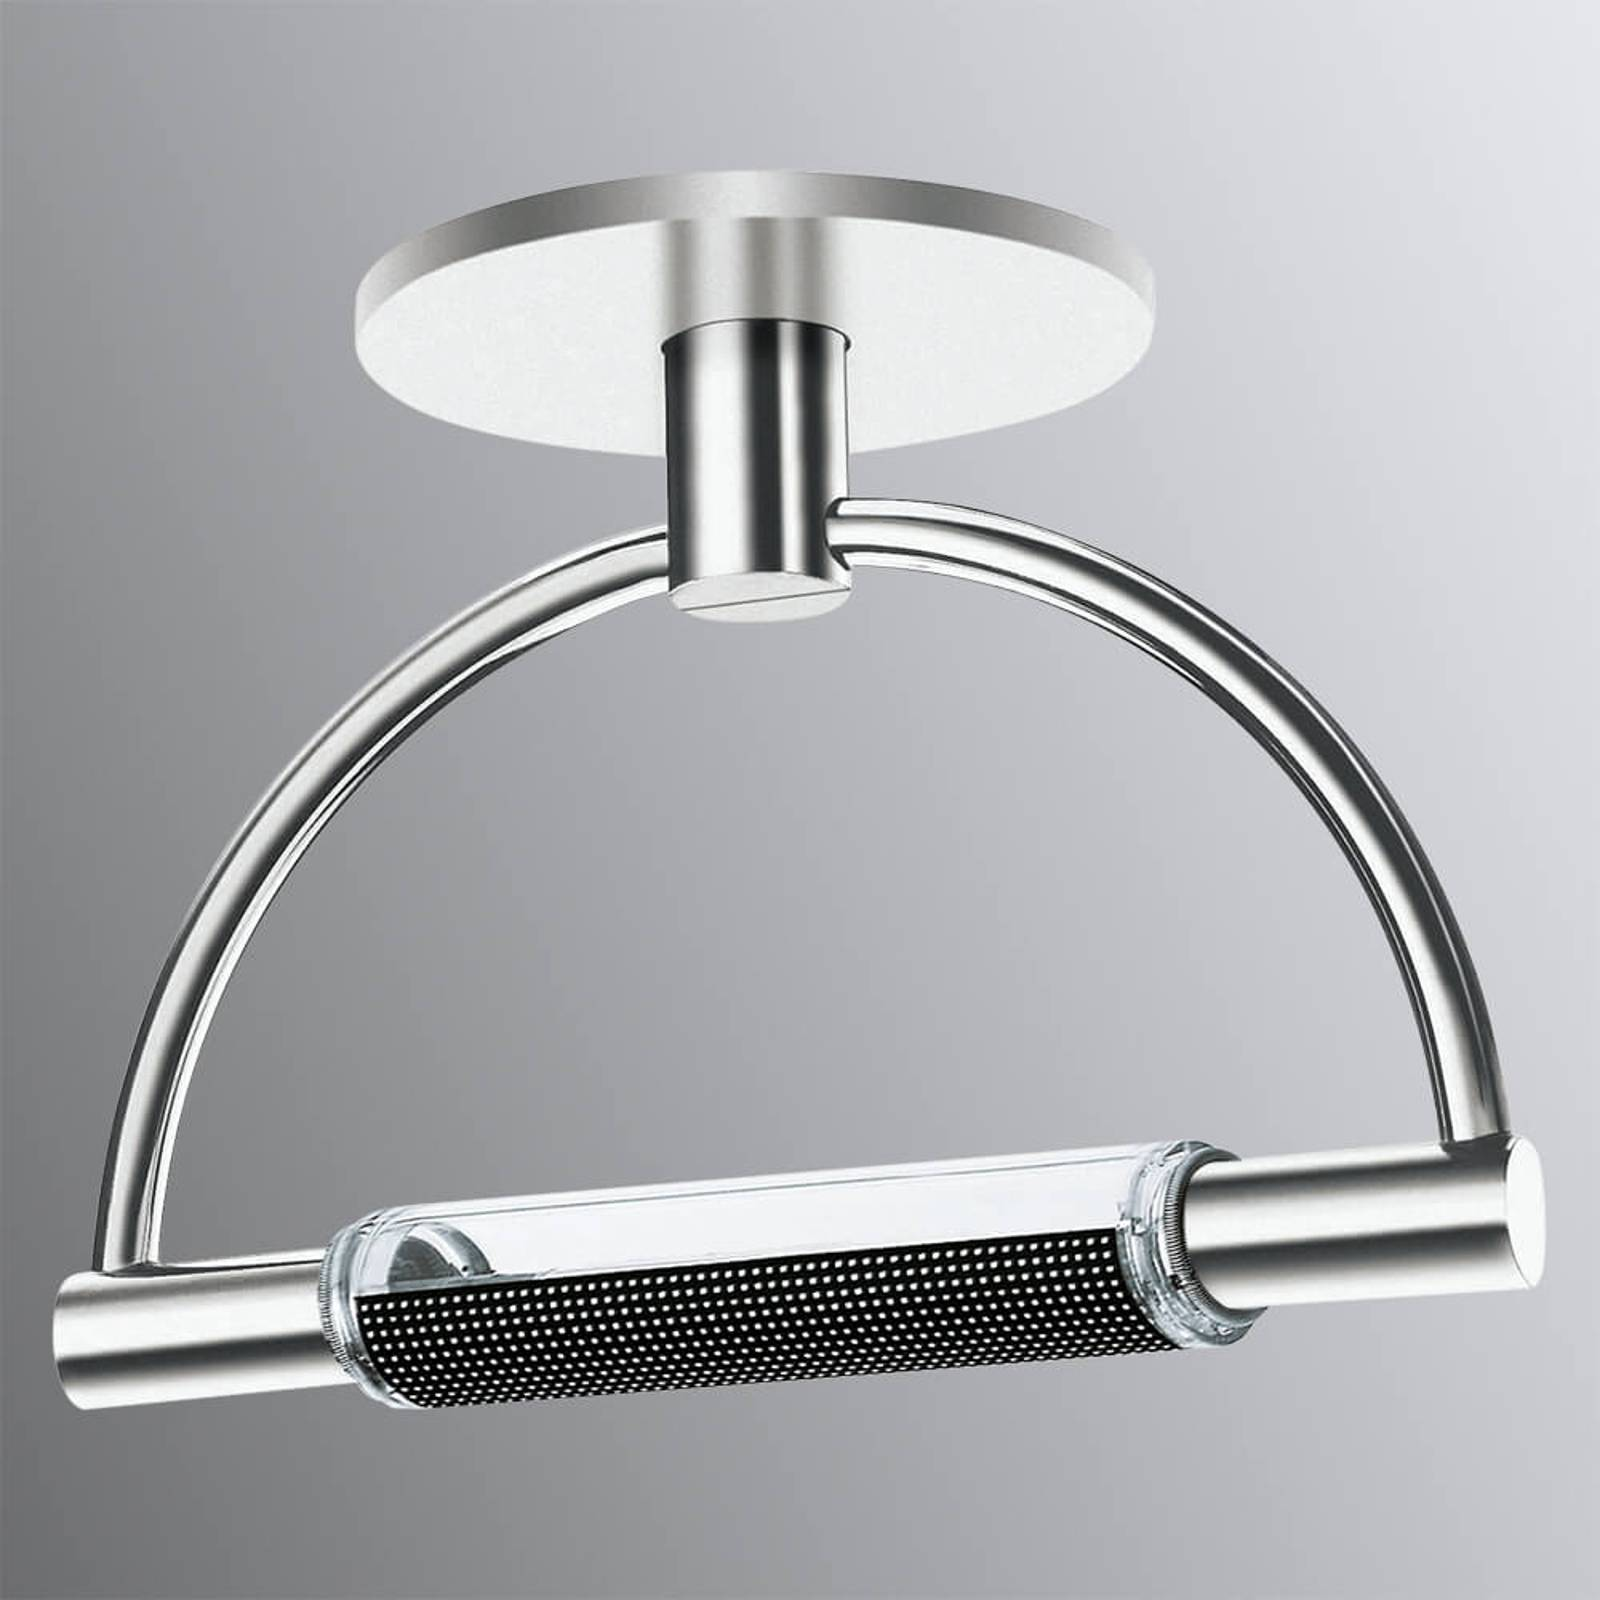 designerlampen von cini nils und andere lampen f r wohnzimmer online kaufen bei m bel garten. Black Bedroom Furniture Sets. Home Design Ideas